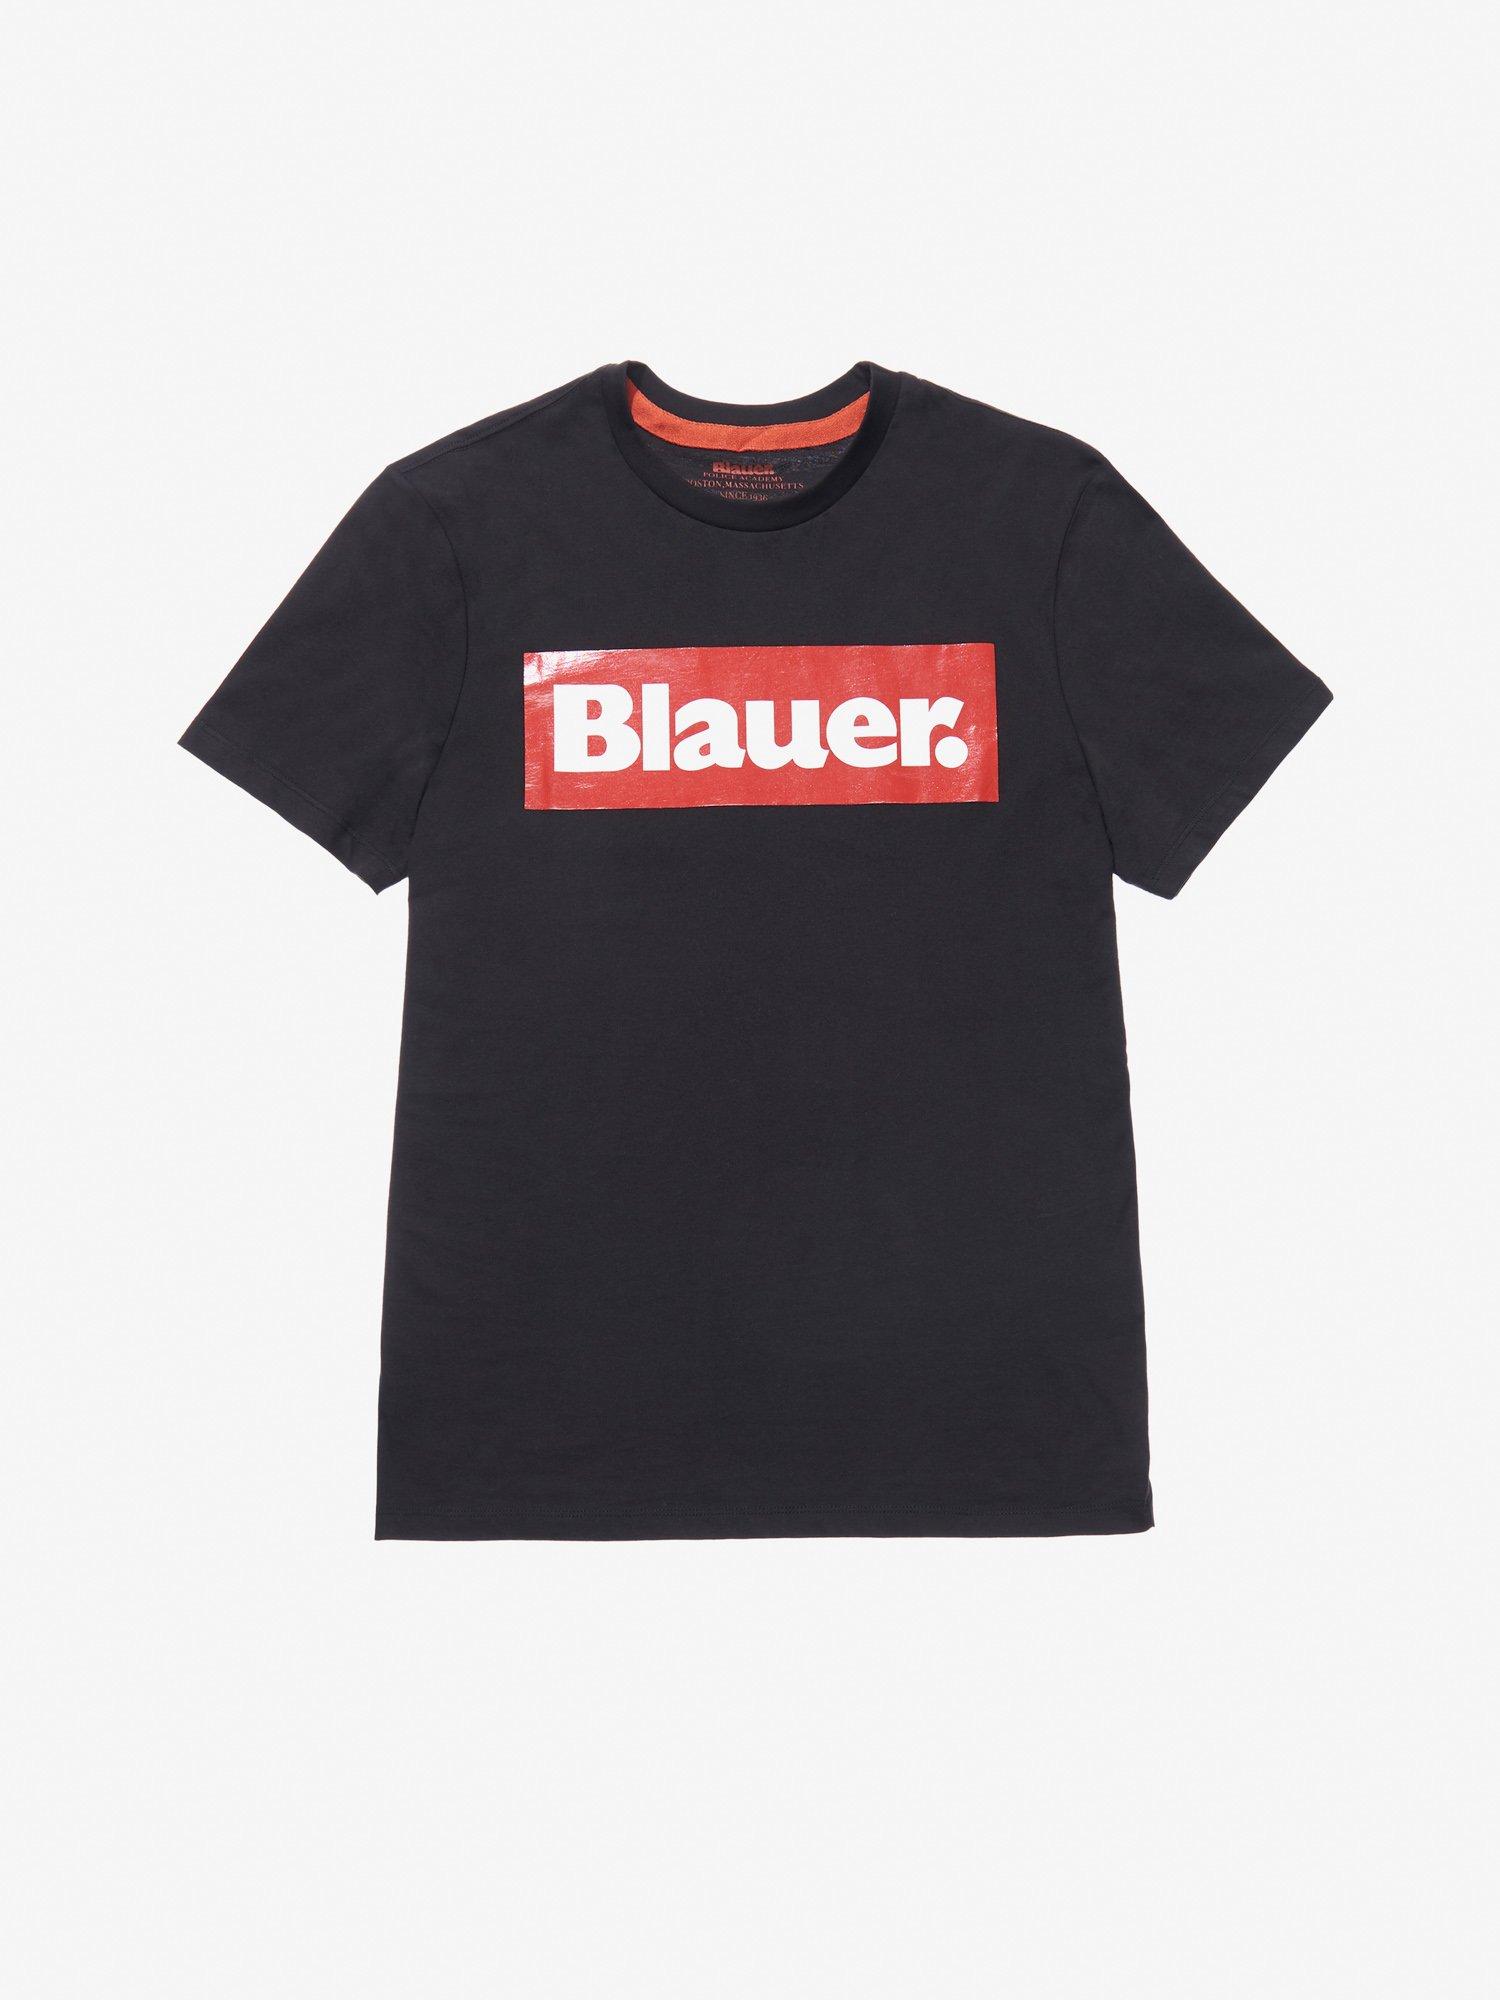 T-SHIRT STAMPA RETTANGOLARE BLAUER - Blauer